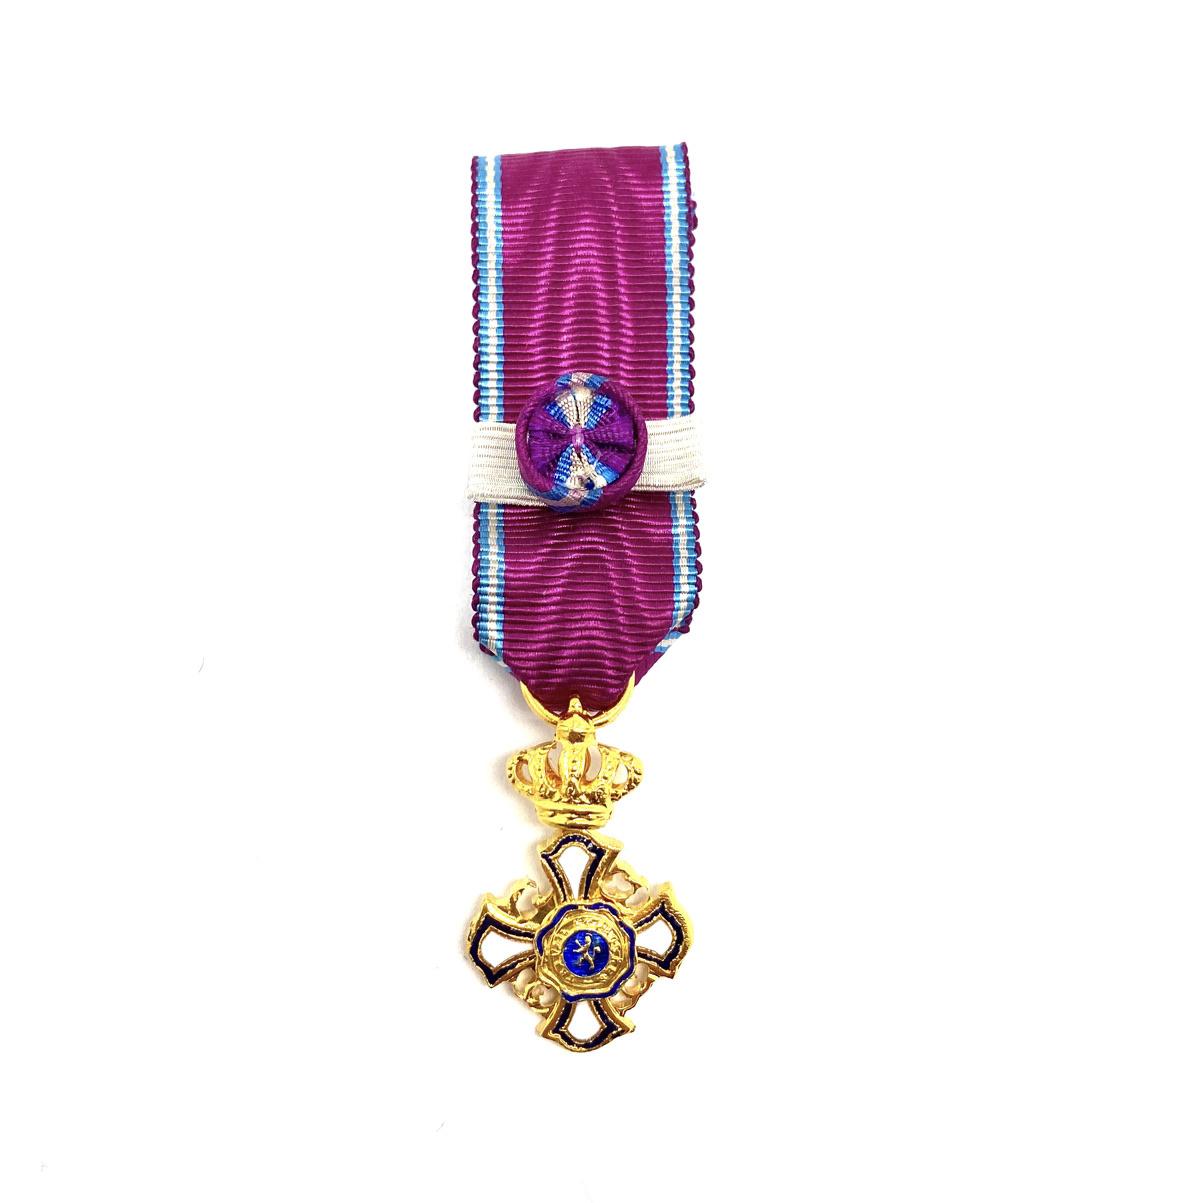 Commandeur in de Koninklijke Orde van de Leeuw